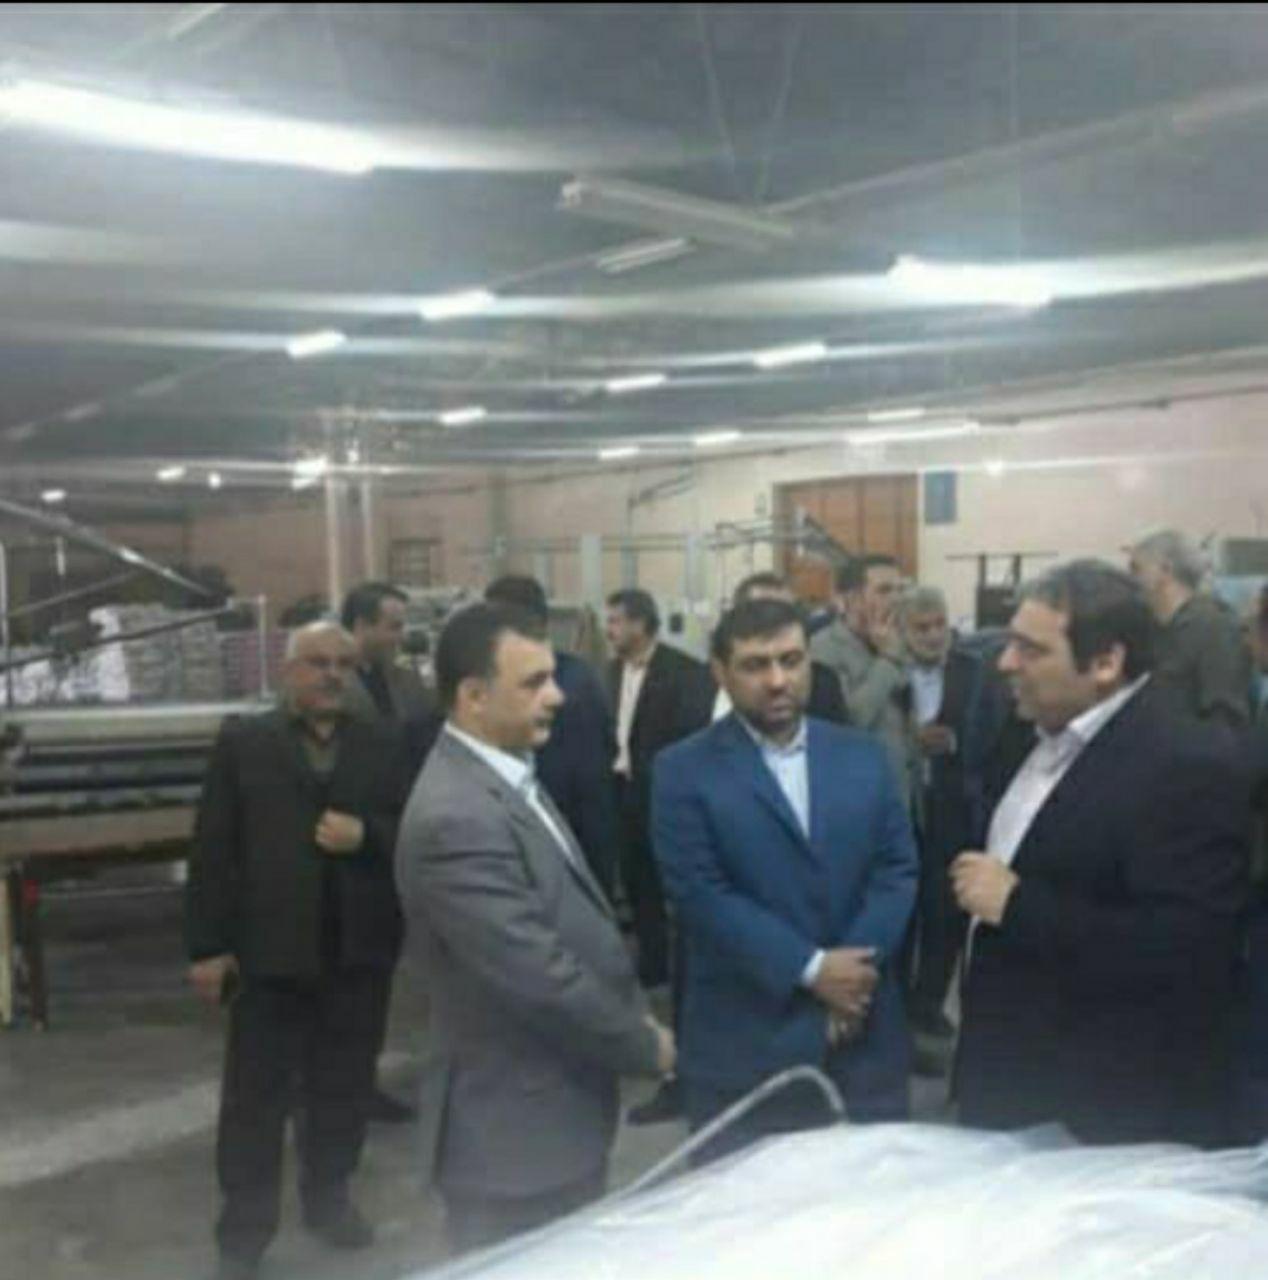 مدیر عامل شرکت ایران پوپلین خواستار تعامل مدیران در راستای تقسیط بدهی های این شرکت شد